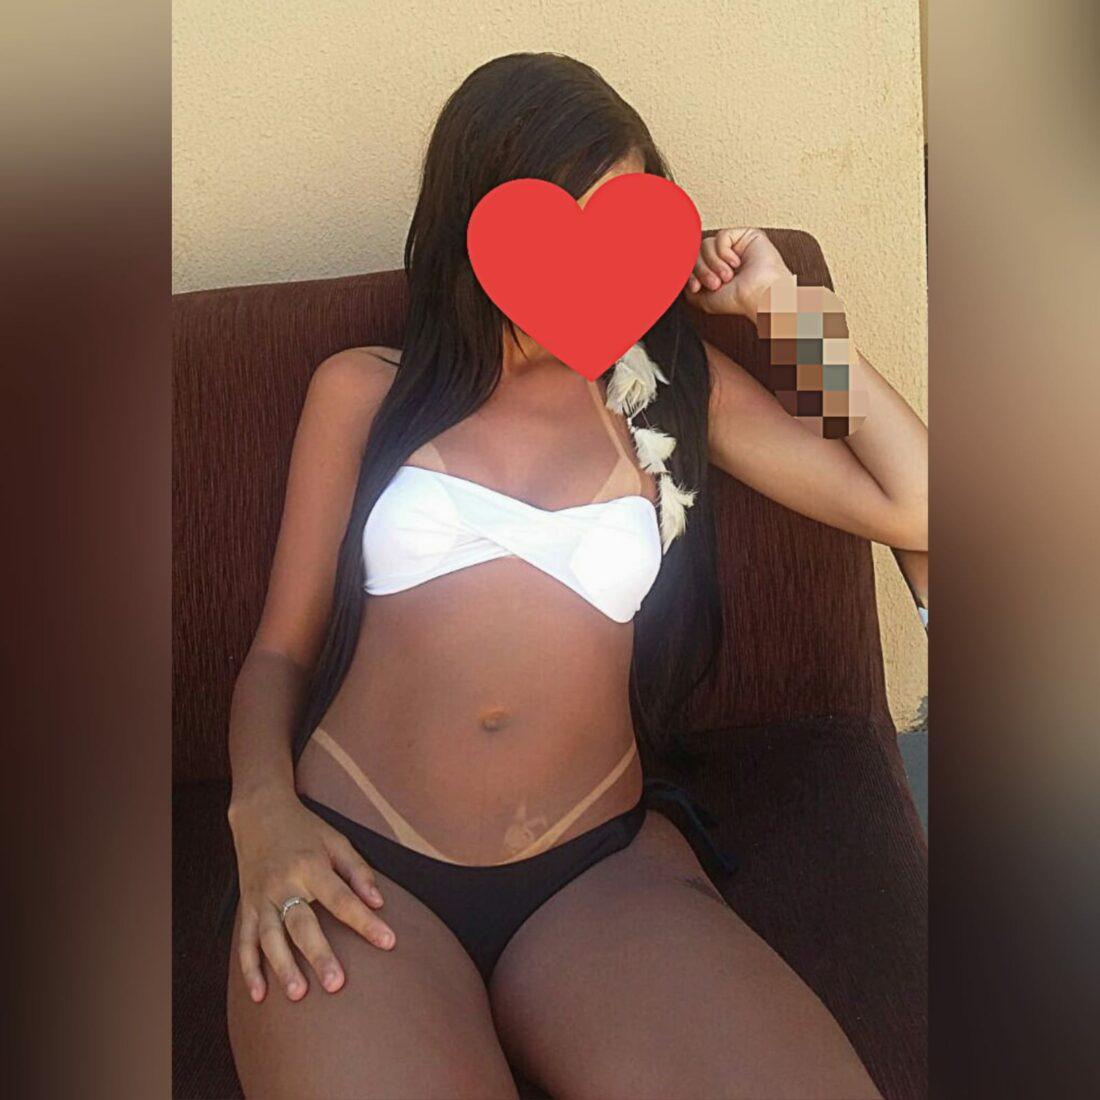 Nathalia monteiro